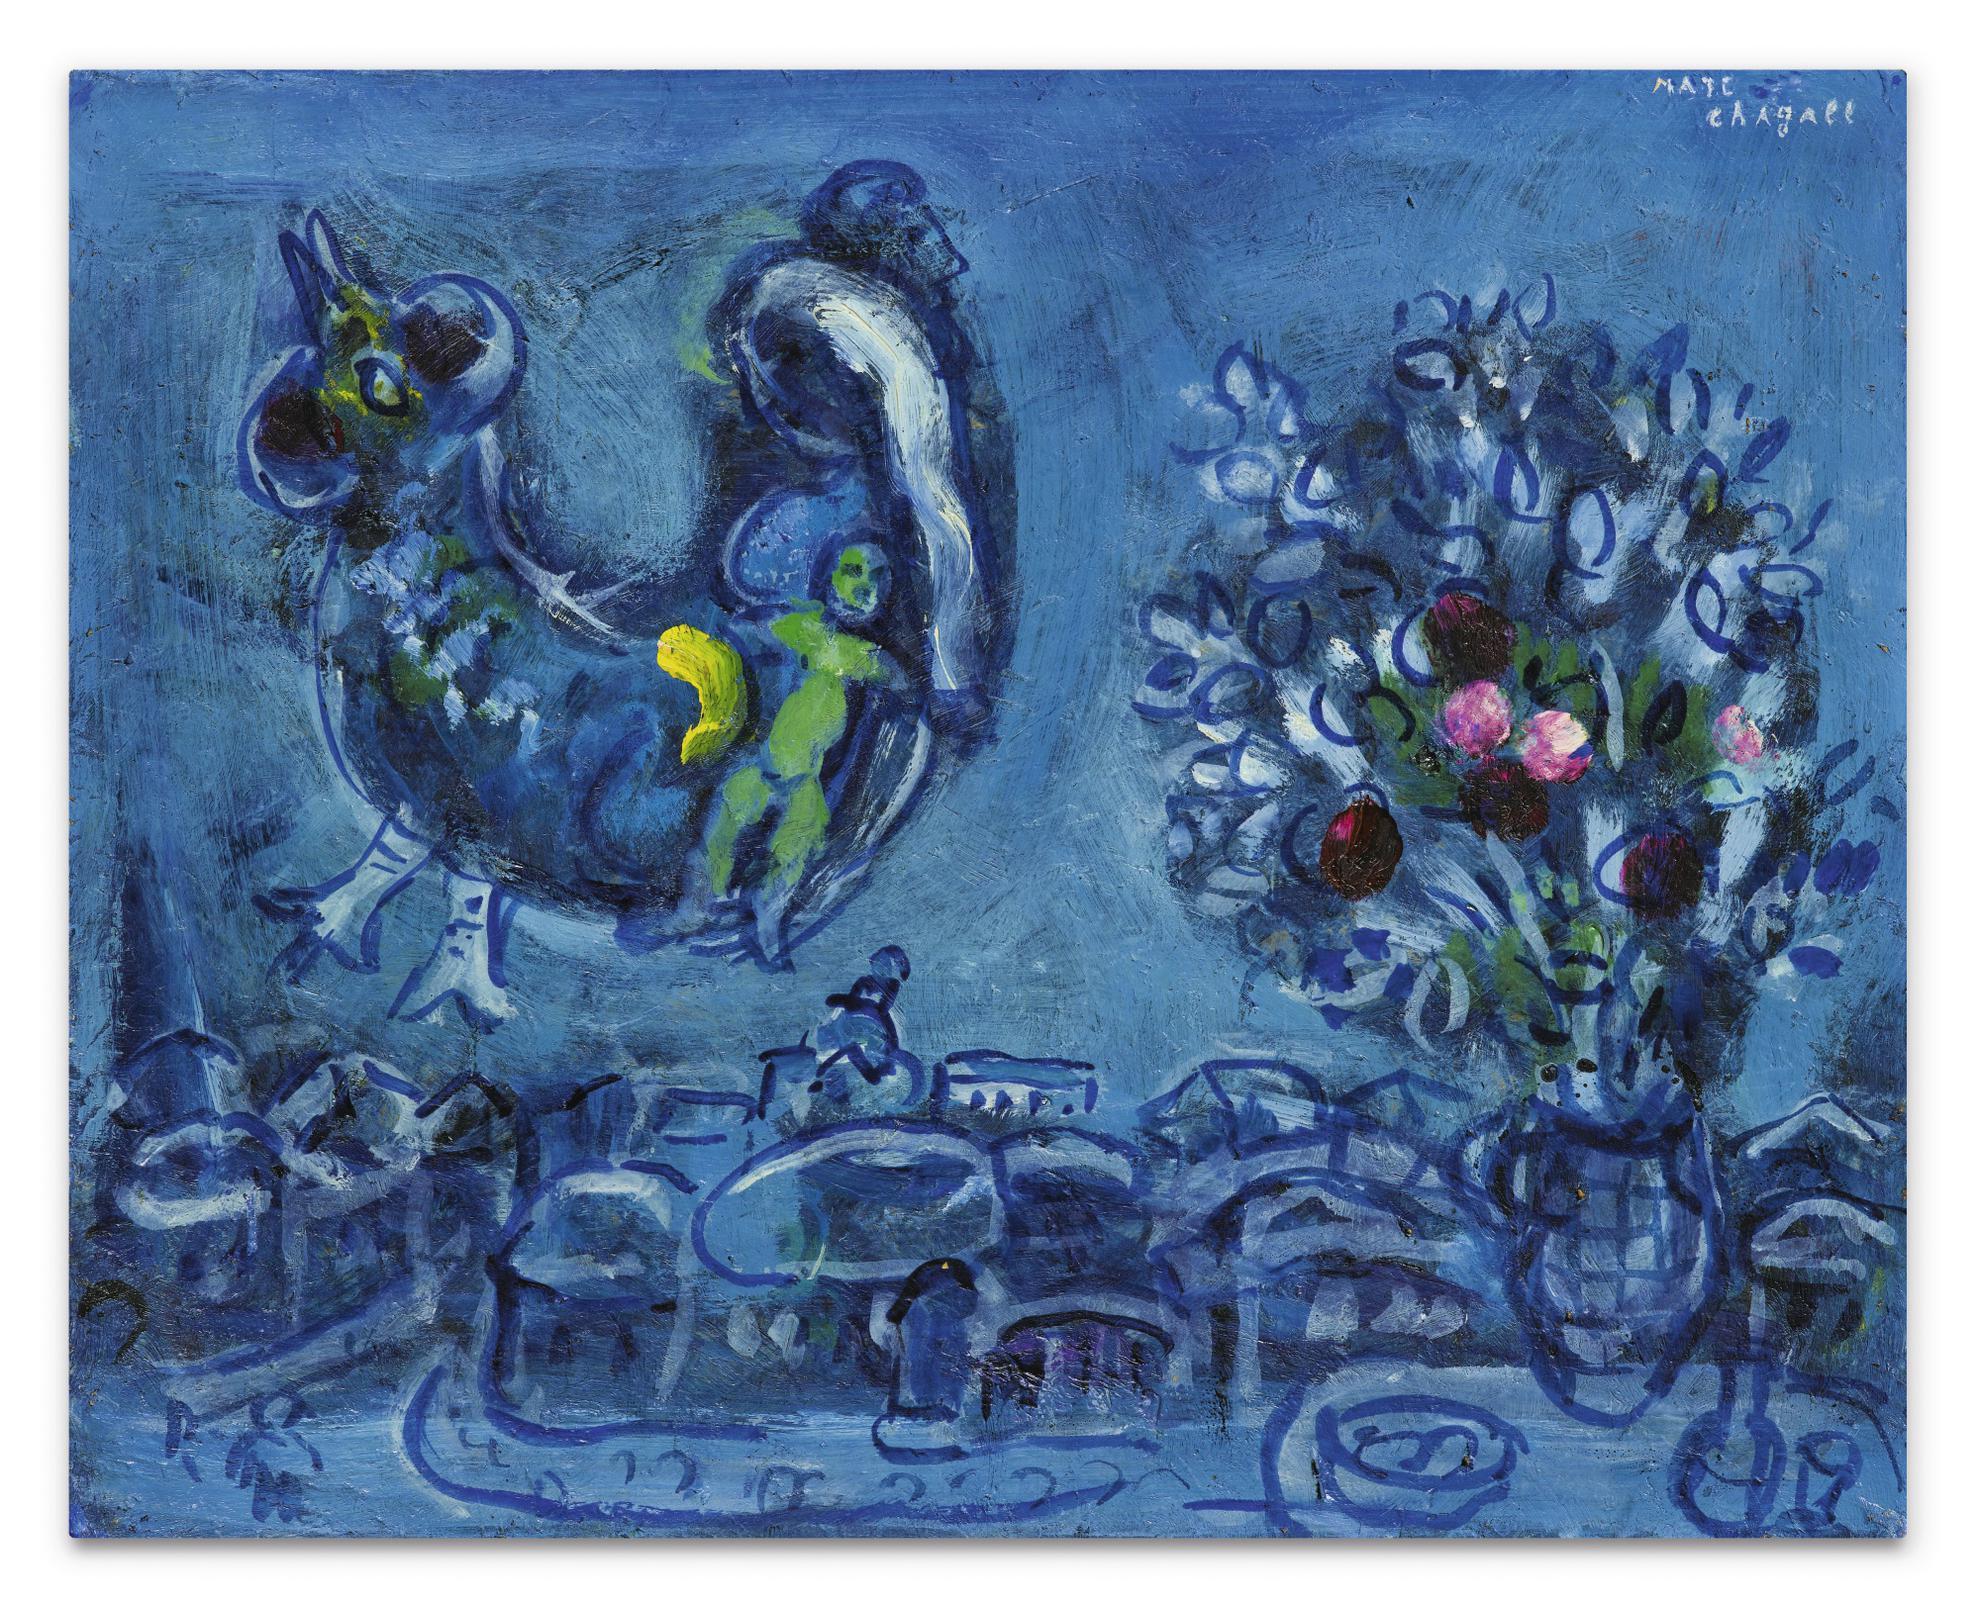 Marc Chagall-Evocation Du Village Natal Ou Etude Pour La Femme-Oiseau-1962